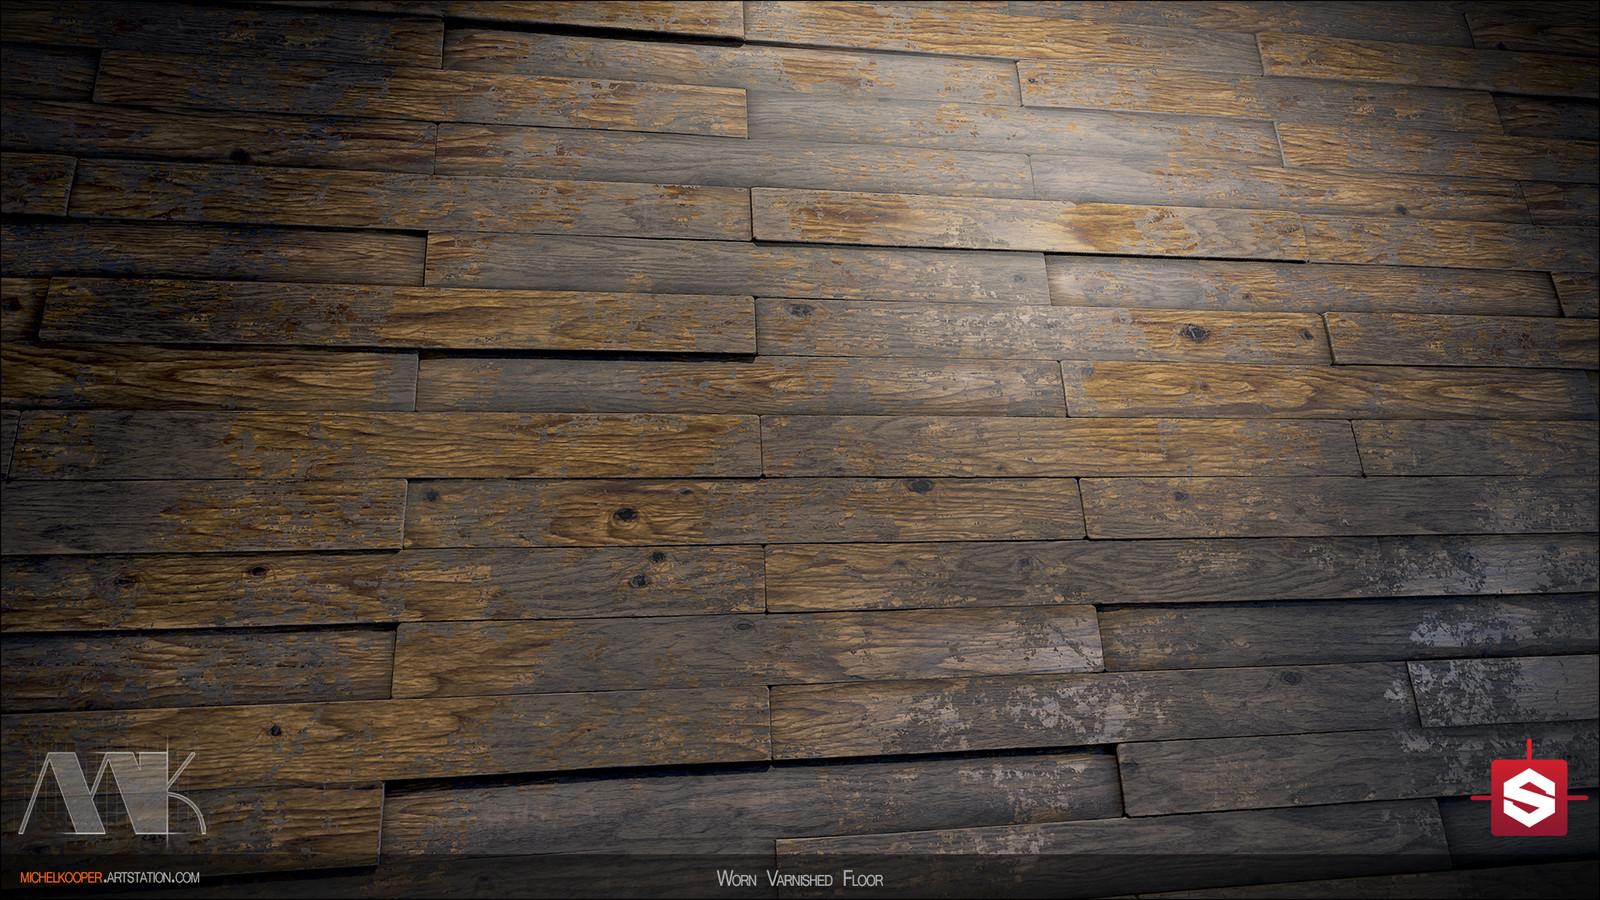 Worn Varnished Floor - Close up